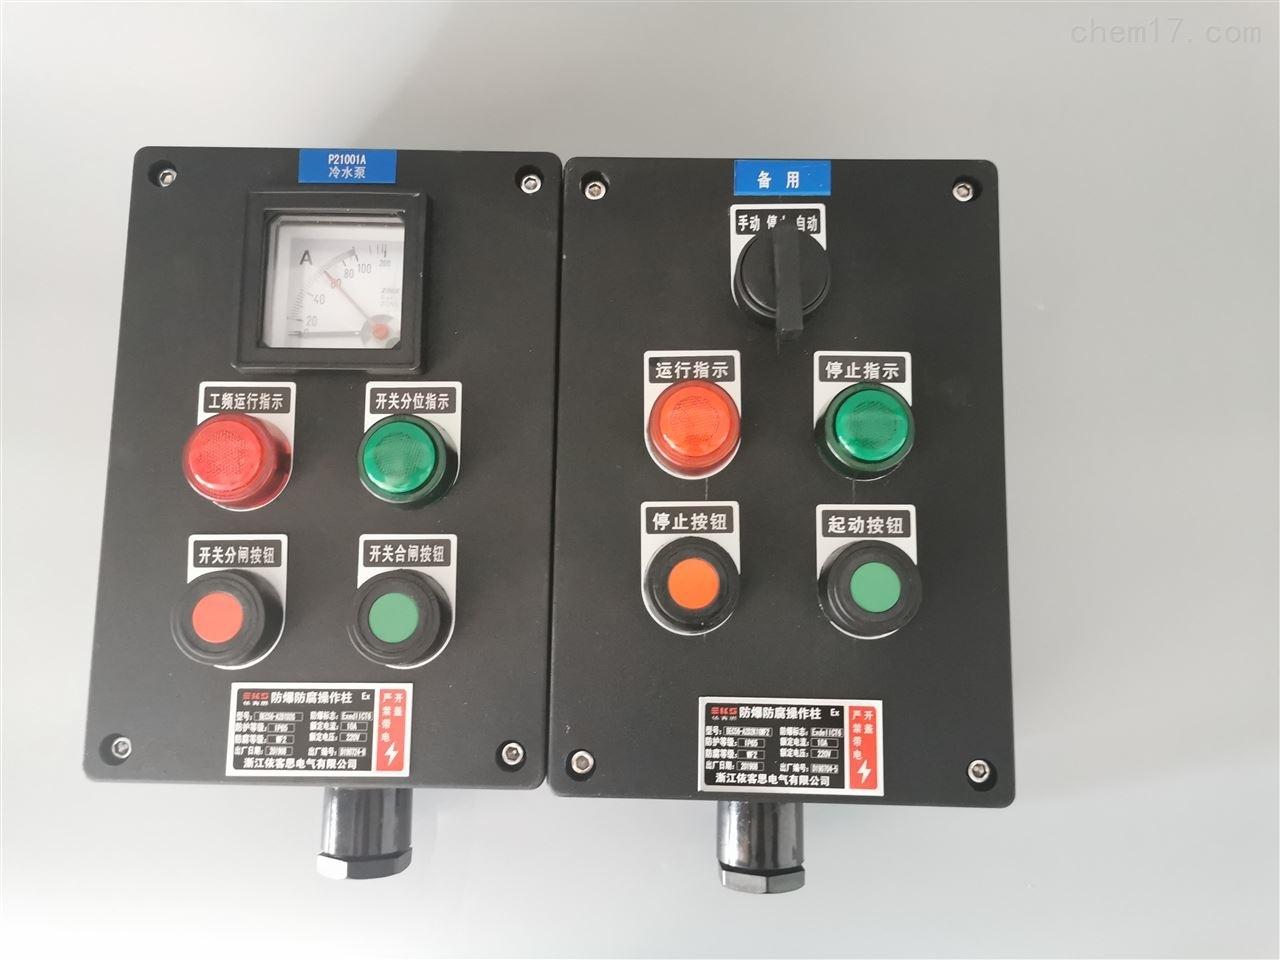 风机防爆防腐控制按钮盒BZA8050防爆防腐主令控制器按钮盒的价格